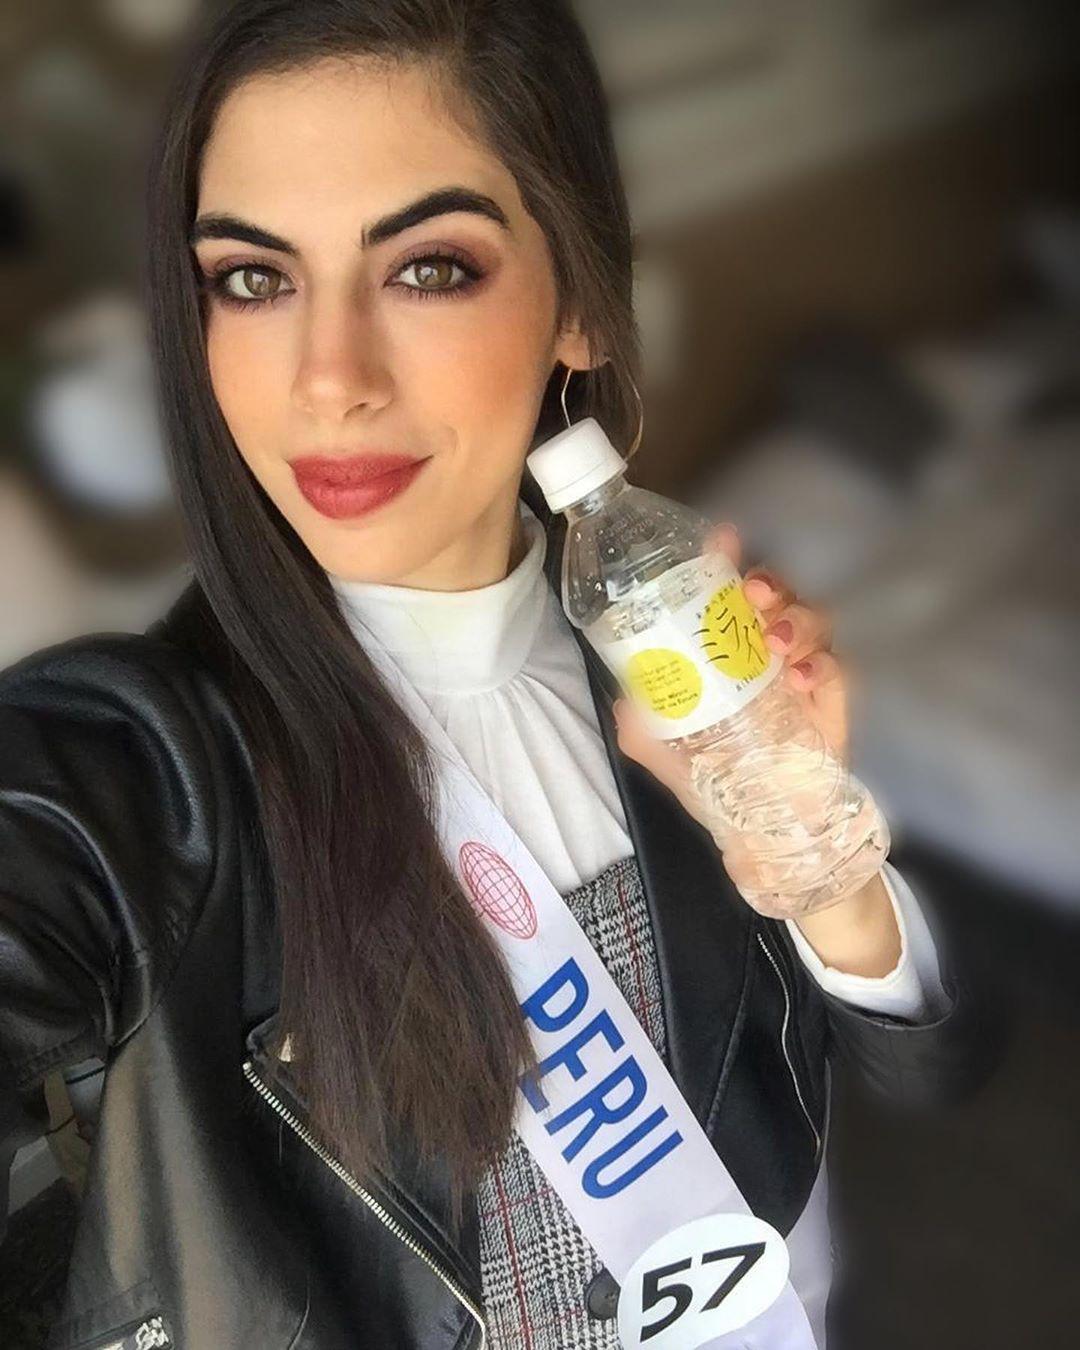 majo barbis, miss international peru 2019. - Página 3 72749510